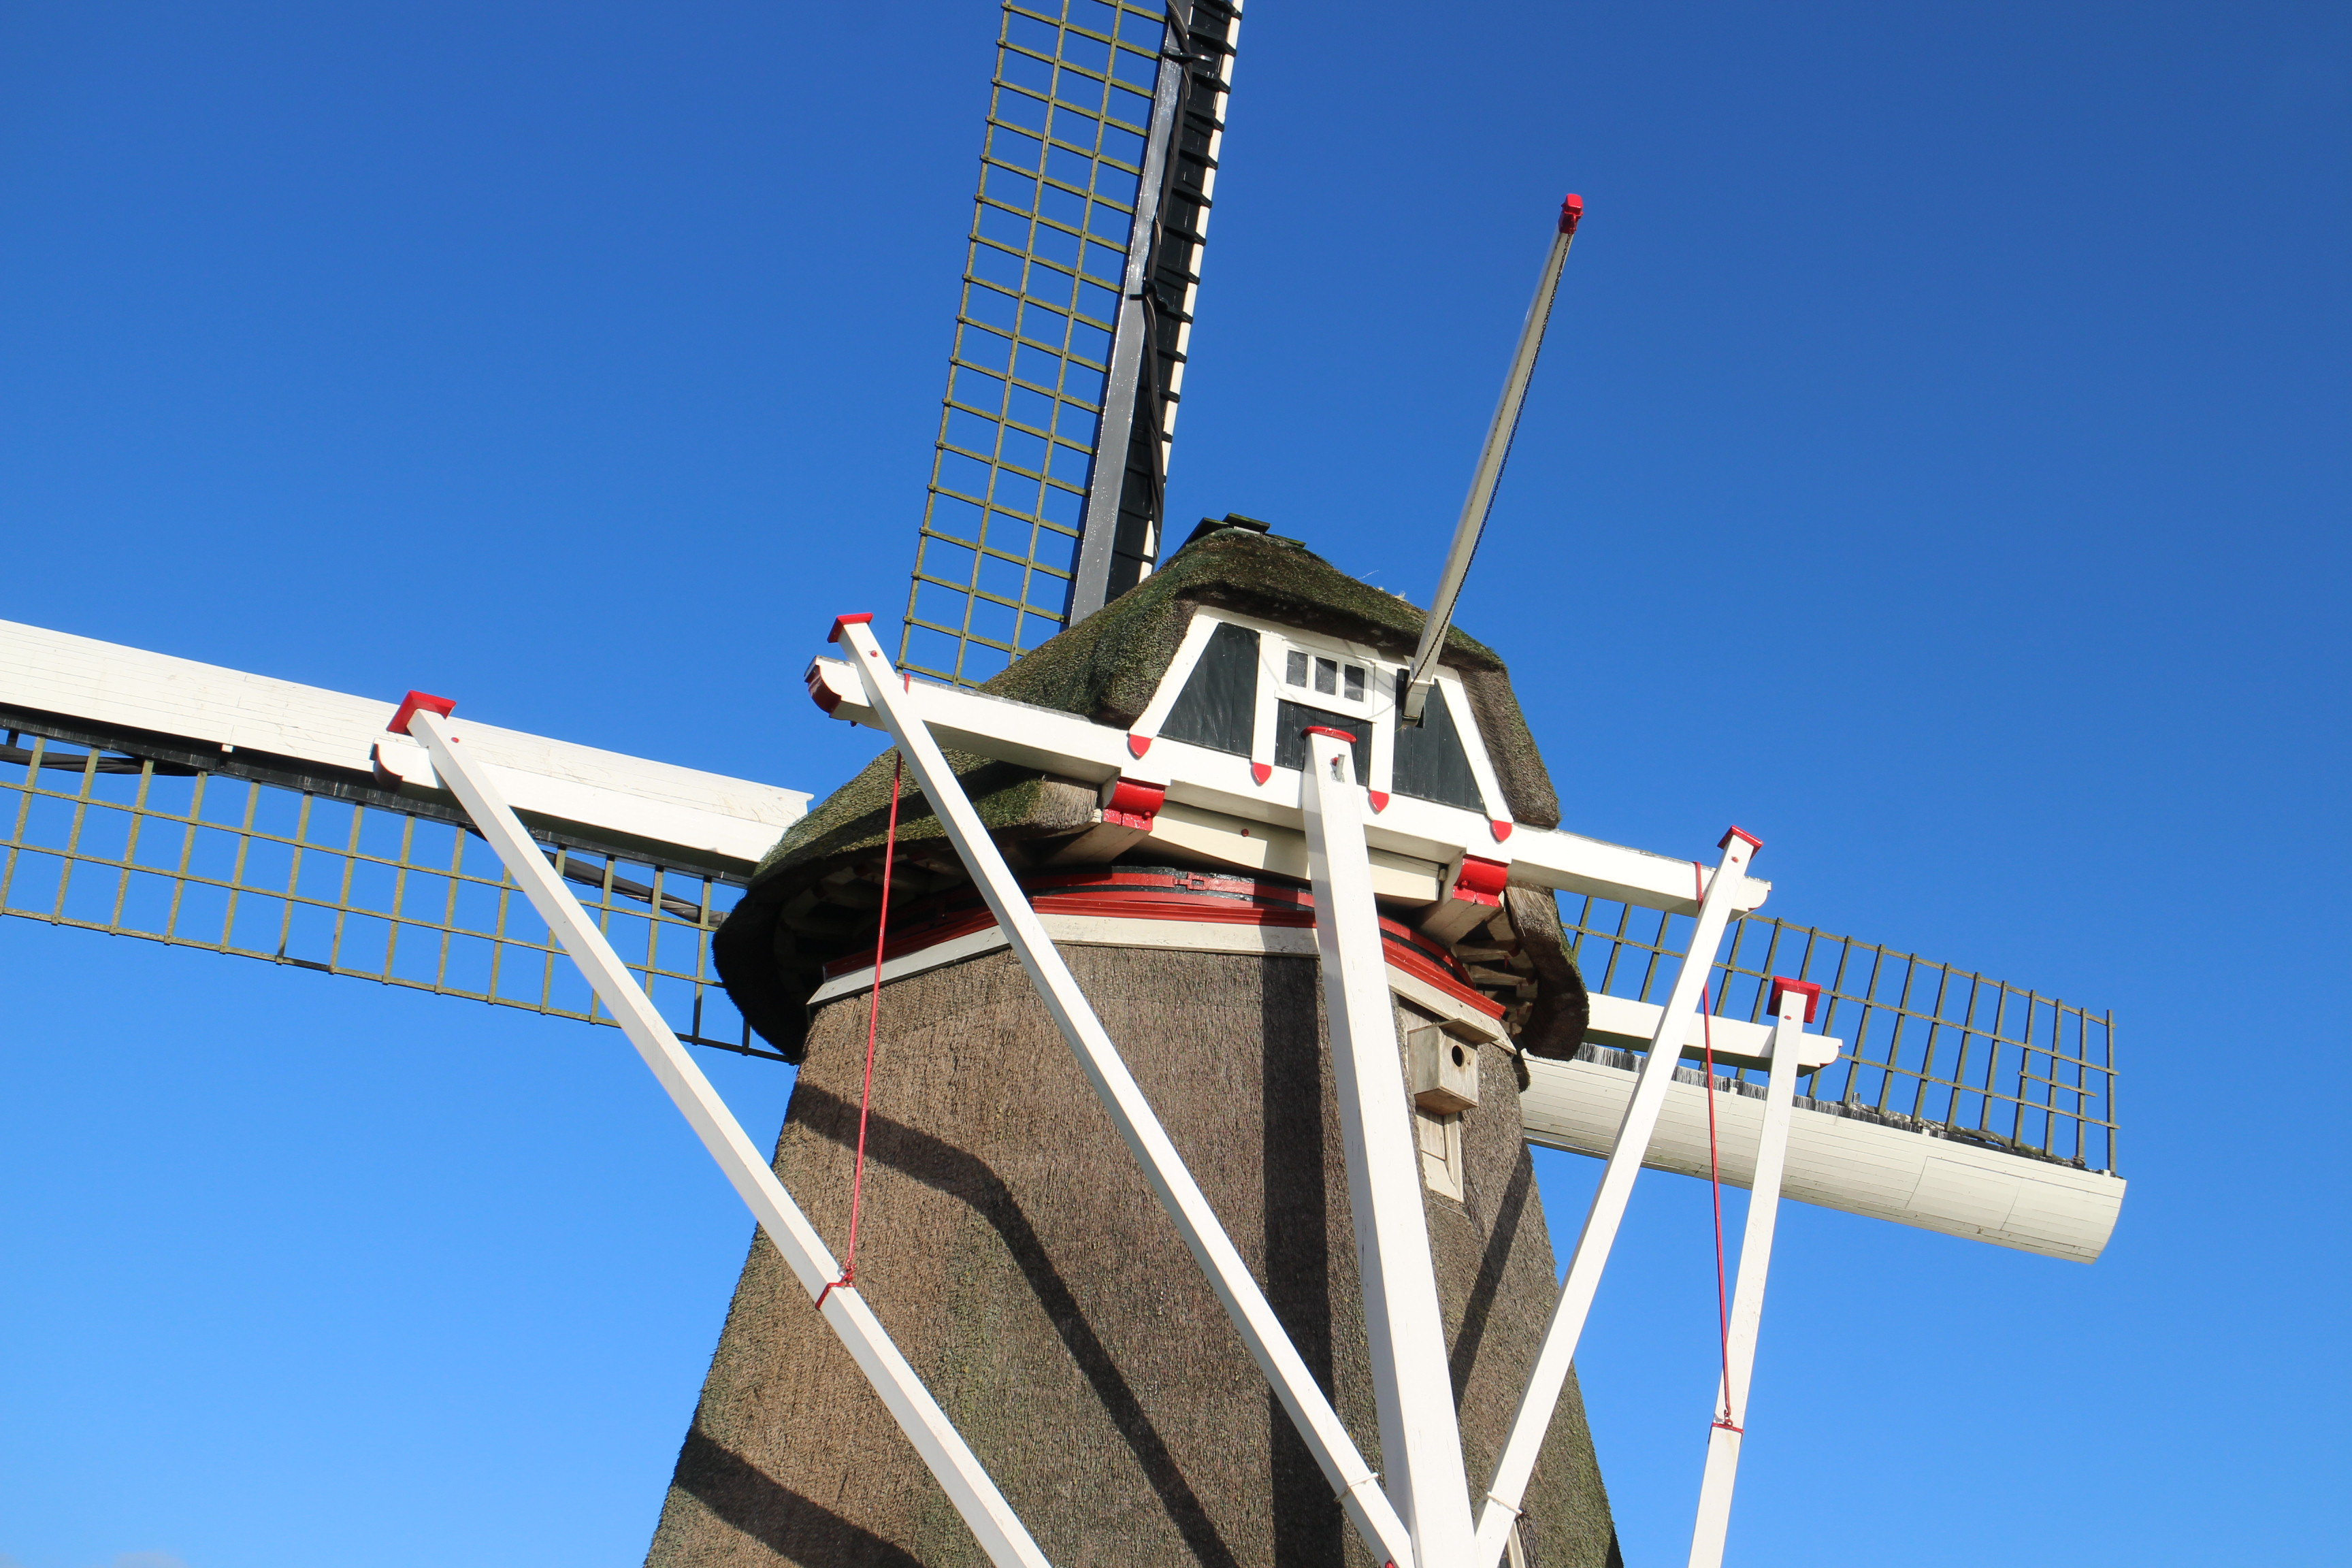 Op de fiets langs molens in Noardeast-Fryslân